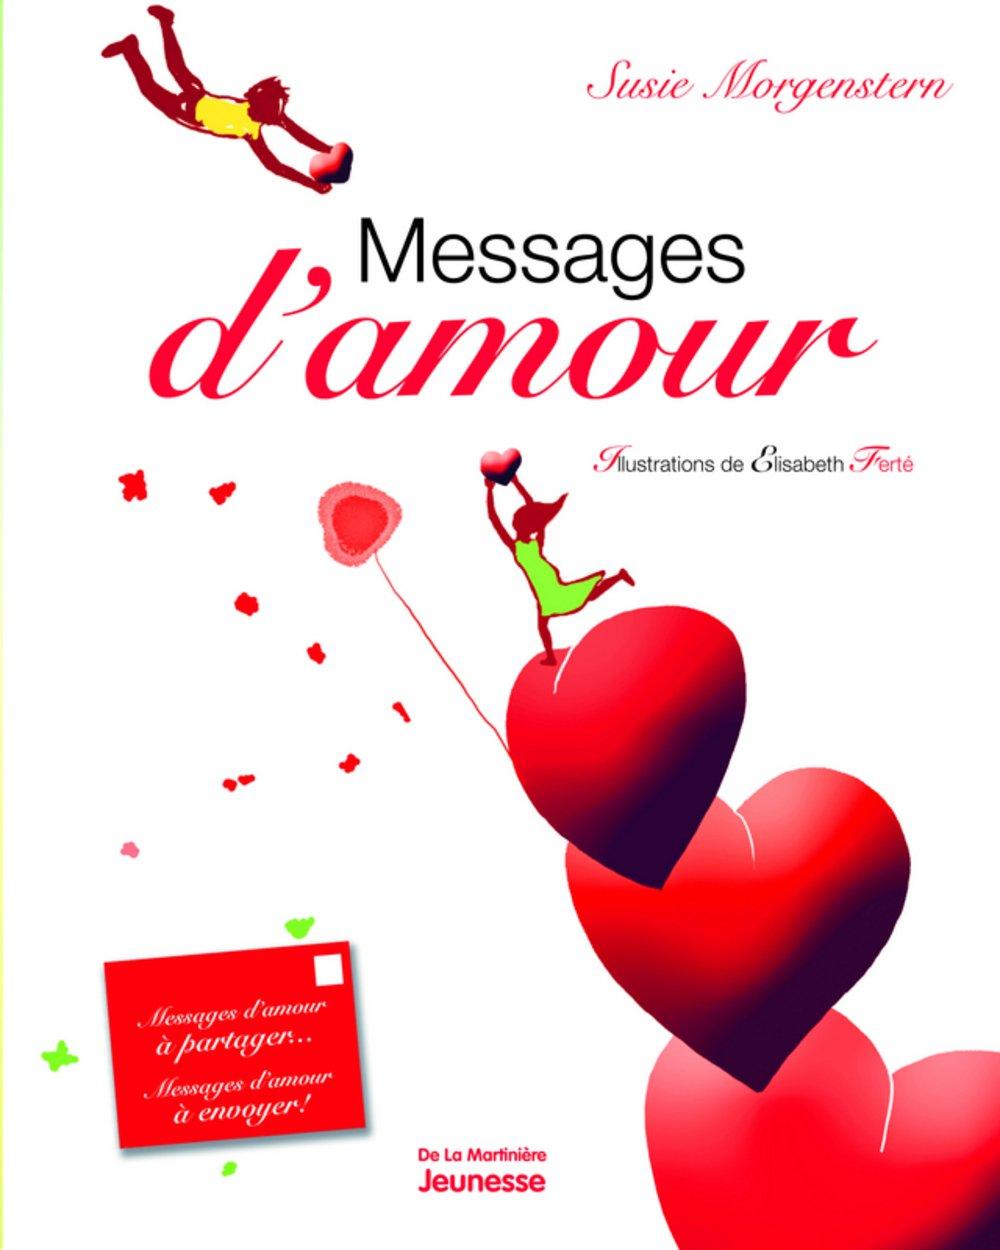 Messages Damour Amazones Susie Morgenstern Elisabeth